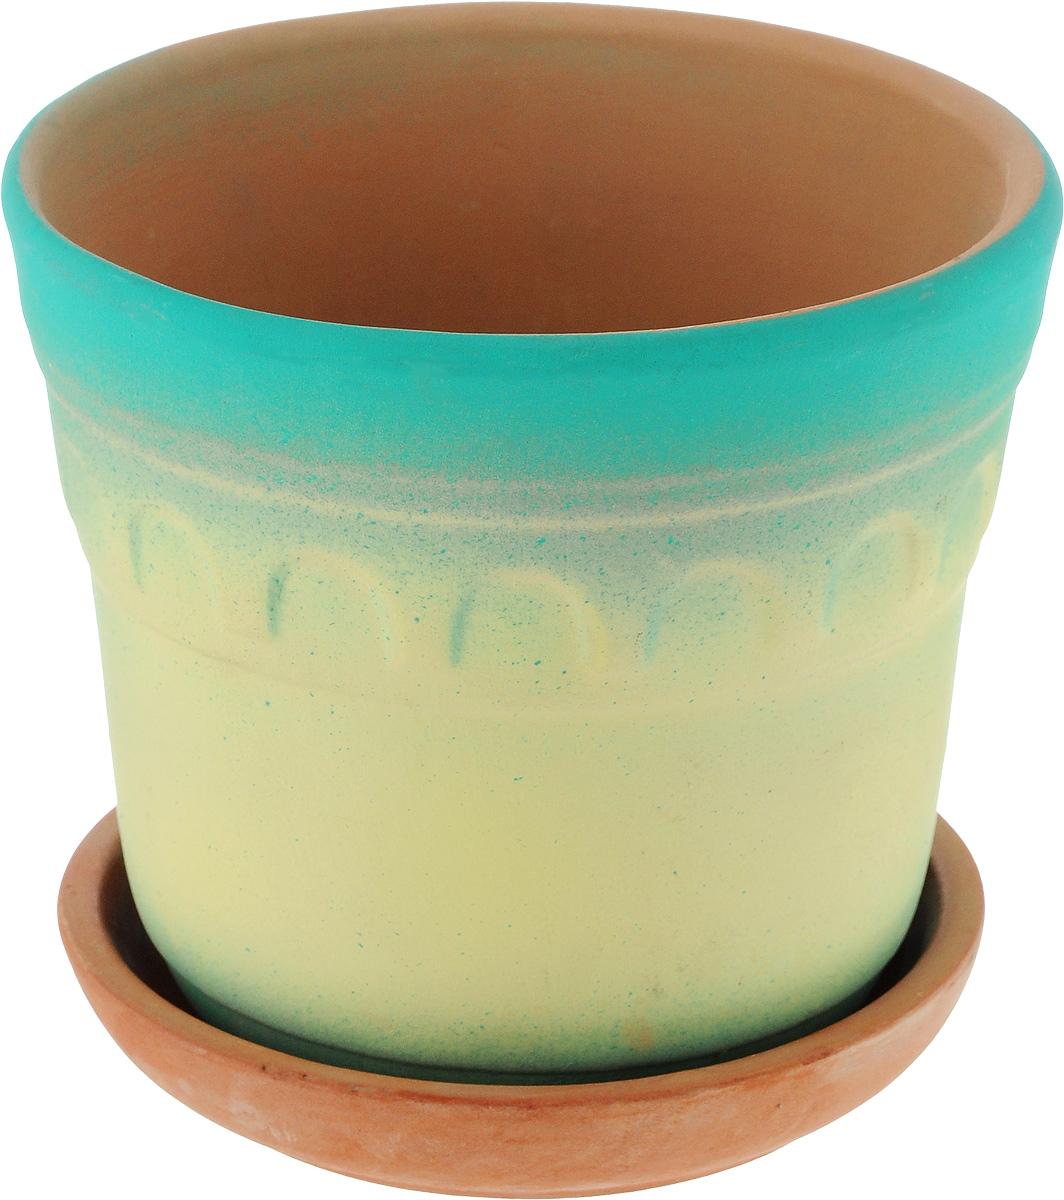 Горшок для цветов Ломоносовская керамика Элин, цвет: желтый, бирюзовый, диаметр 14 см3Це3-1Горшок с поддоном Ломоносовская керамика Элин выполнен из керамики. Внешние стенки изделия покрыты глазурью. Стенки имеют рельефный узор и окрашены в яркие цвета.Горшок предназначен для выращивания цветов, растений и трав. Он порадует вас функциональностью, а также украсит интерьер помещения. Диаметр горшка (по верхнему краю): 14 см. Высота горшка: 12 см. Размер поддона: 12 х 12 х 3 см.